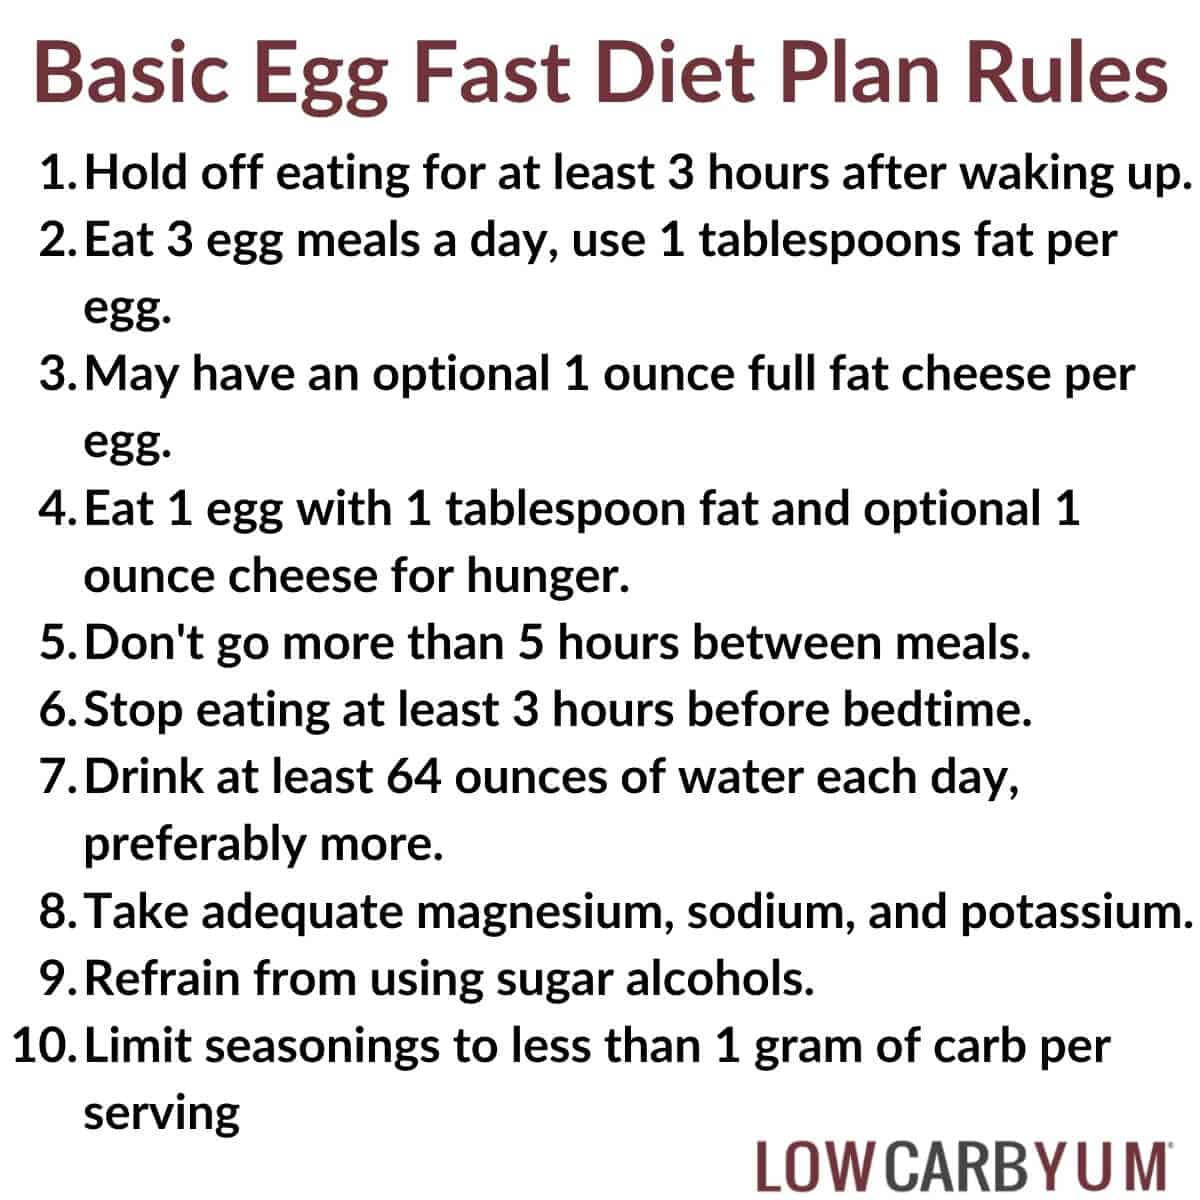 basic egg fast diet rules